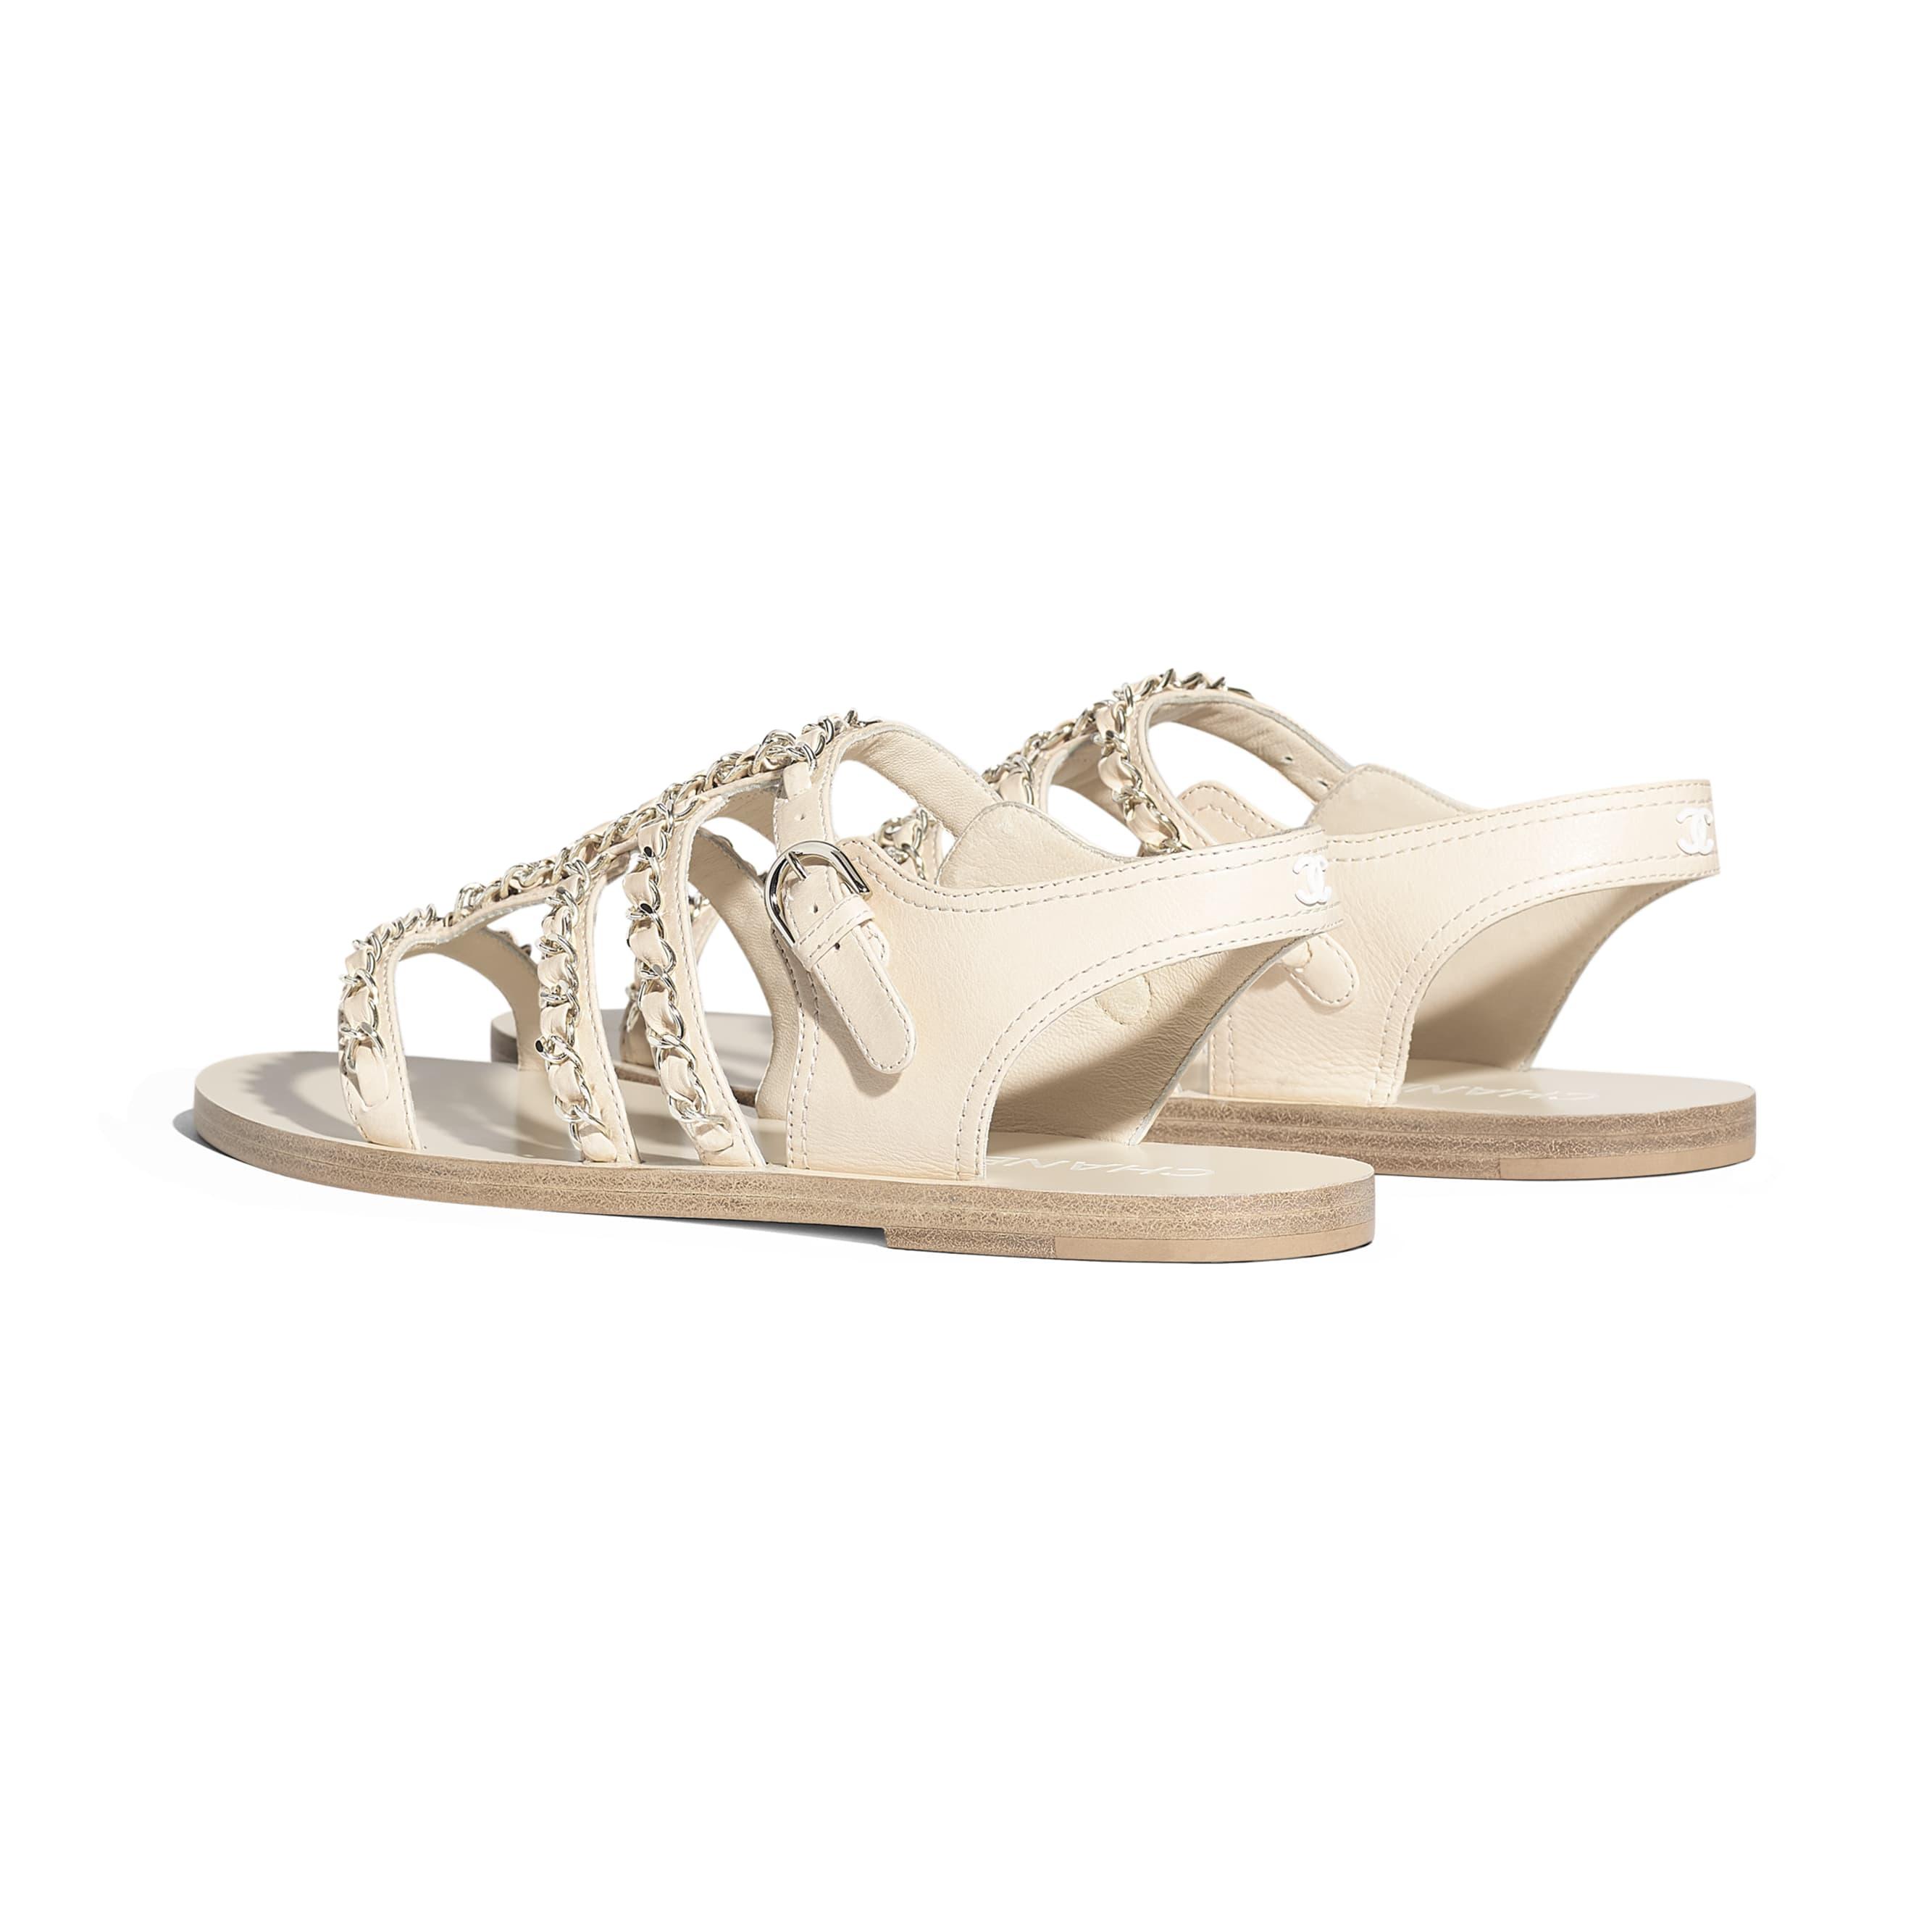 รองเท้าแซนดัลมีสายรัดส้น - สีขาว - หนังลูกวัว - มุมมองอื่น - ดูเวอร์ชันขนาดมาตรฐาน